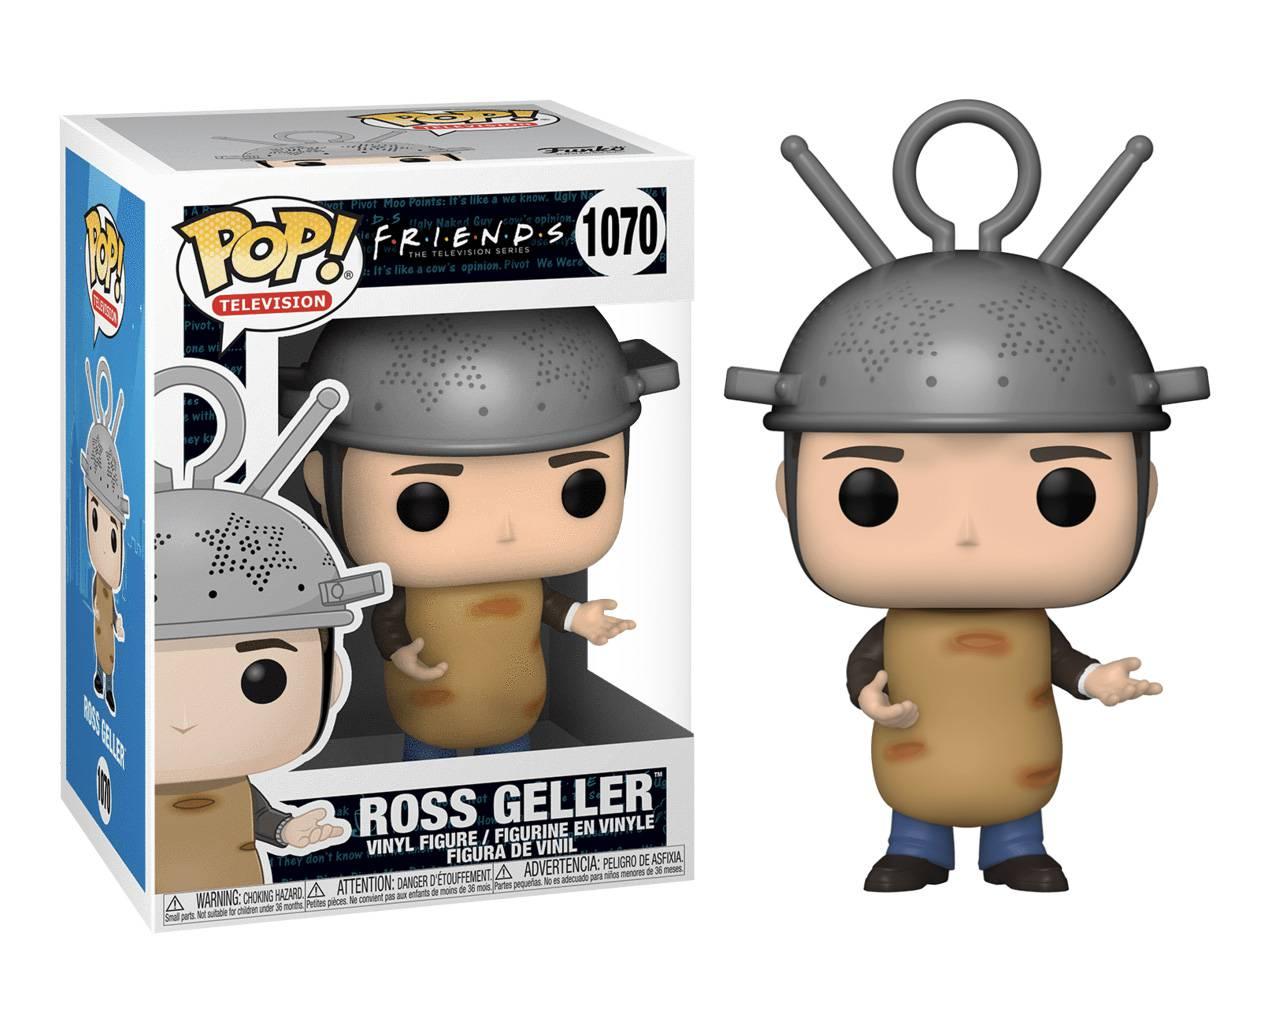 Ross Geller (Spudnik) Pop! Vinyl